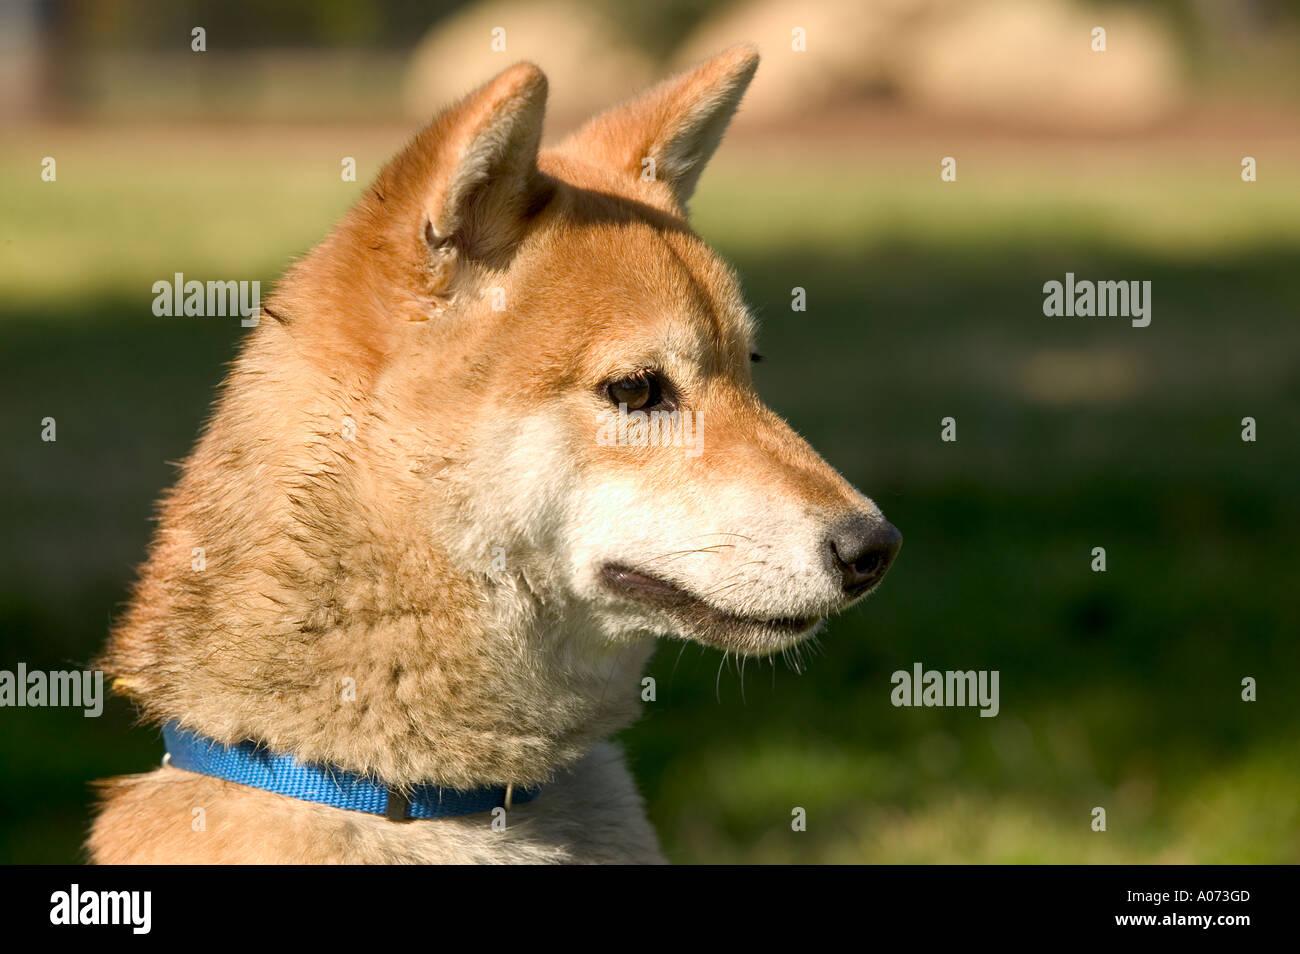 Shiba Inu purebred dog - Stock Image